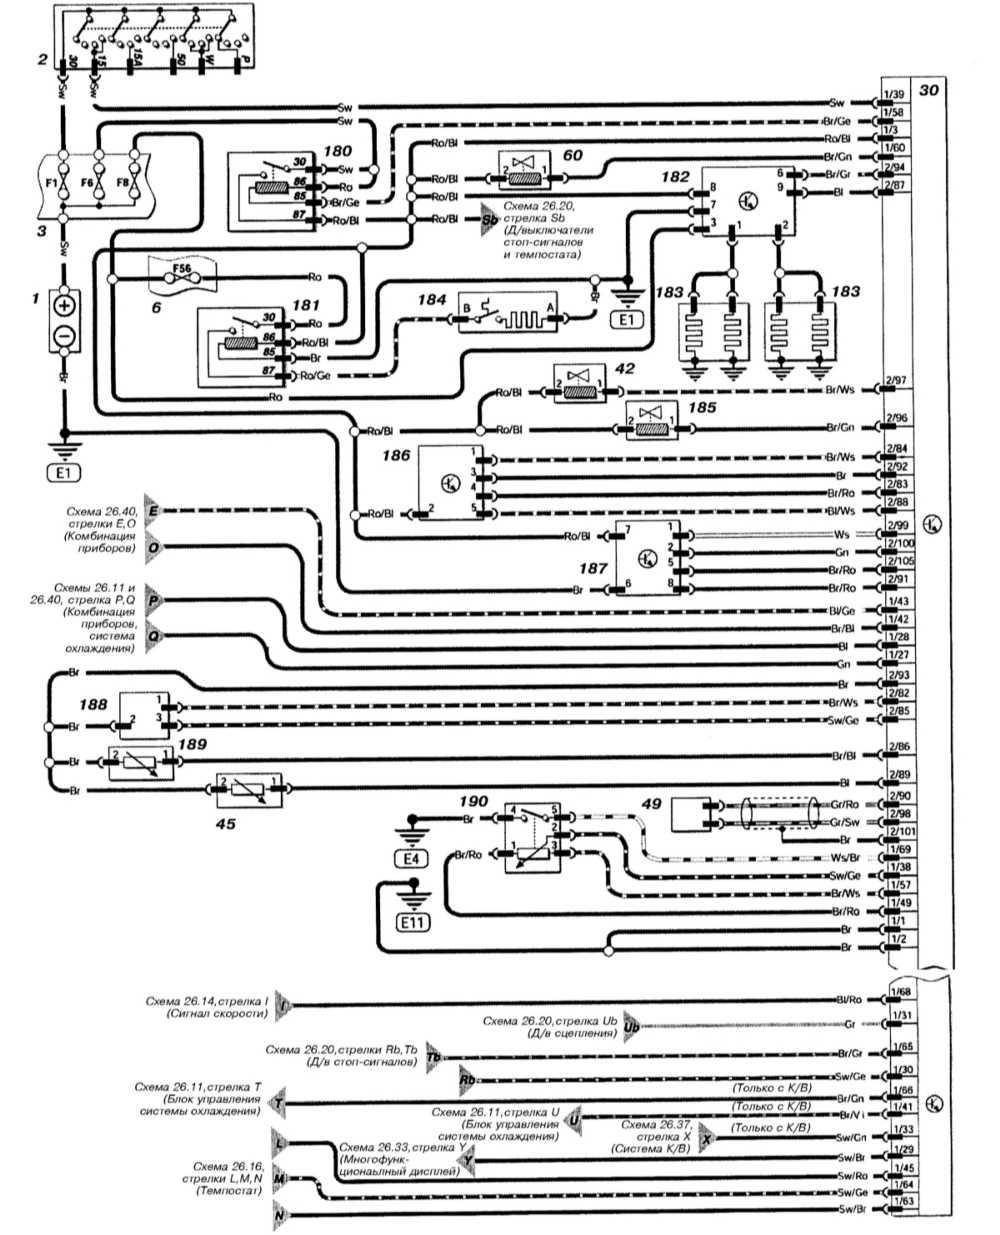 Принципиальные схемы электрических соединений.  Доступ, защита - Opel Astra G.